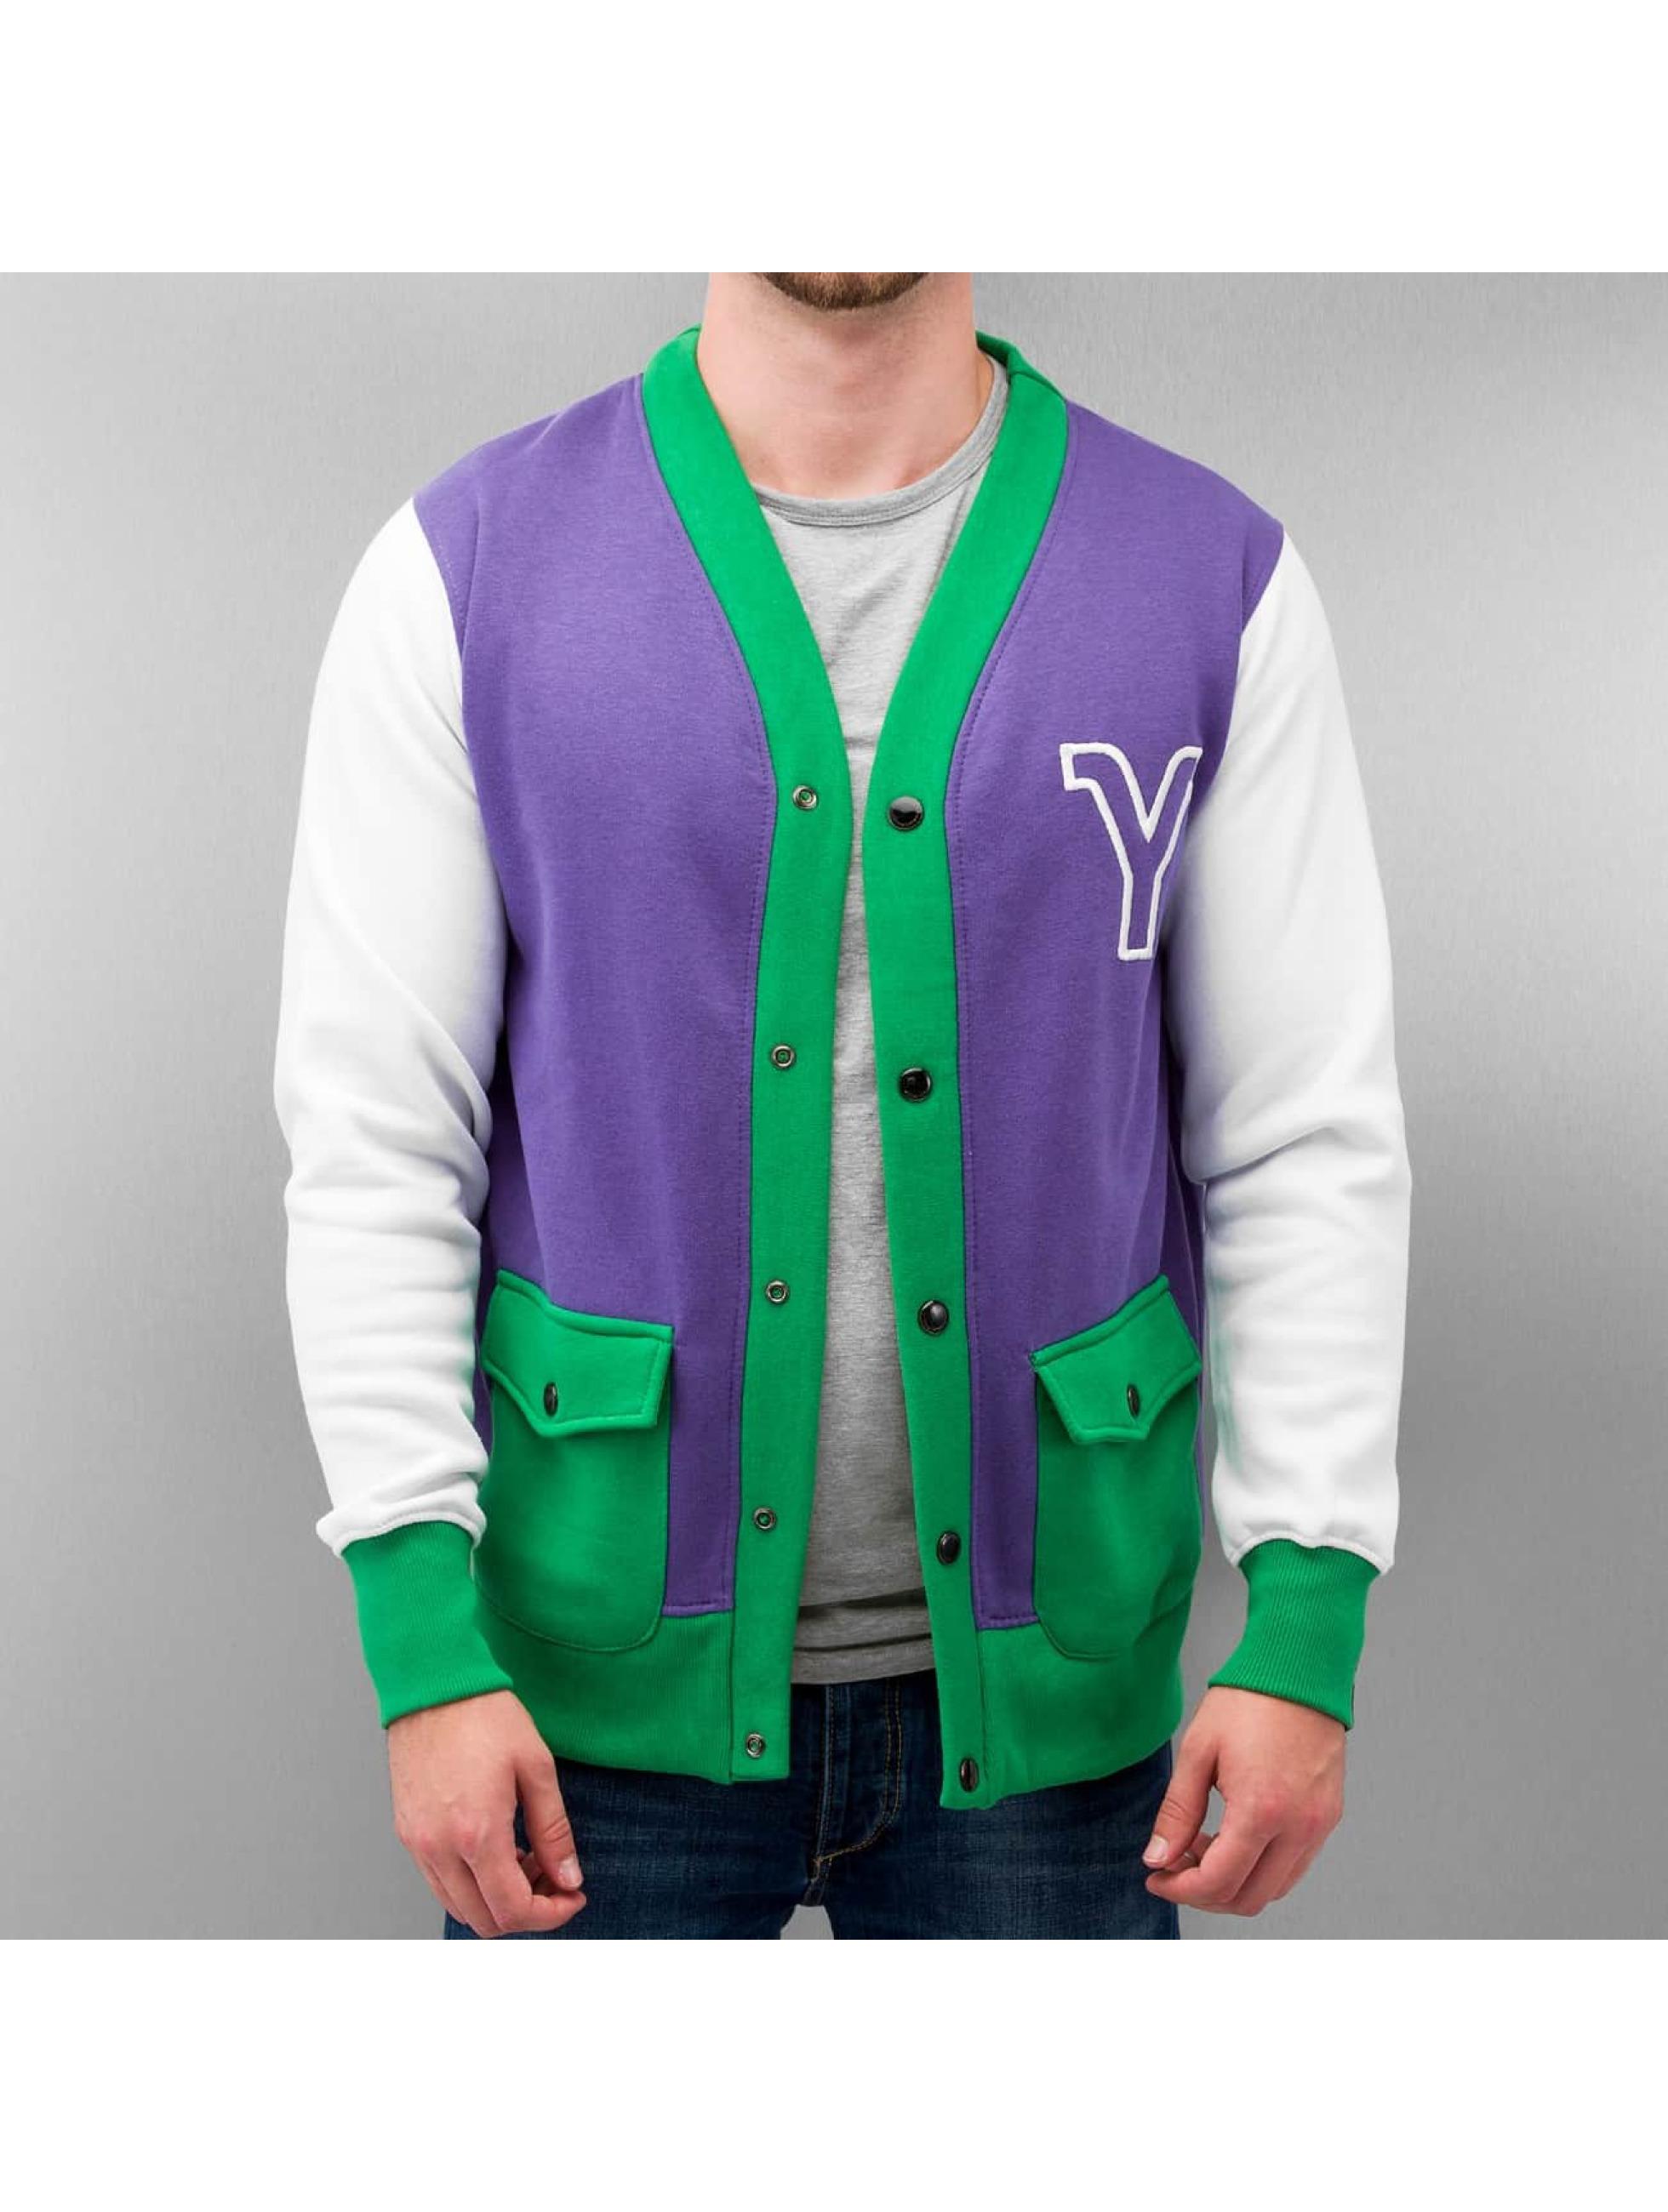 Yezz Университетская куртка Manana пурпурный